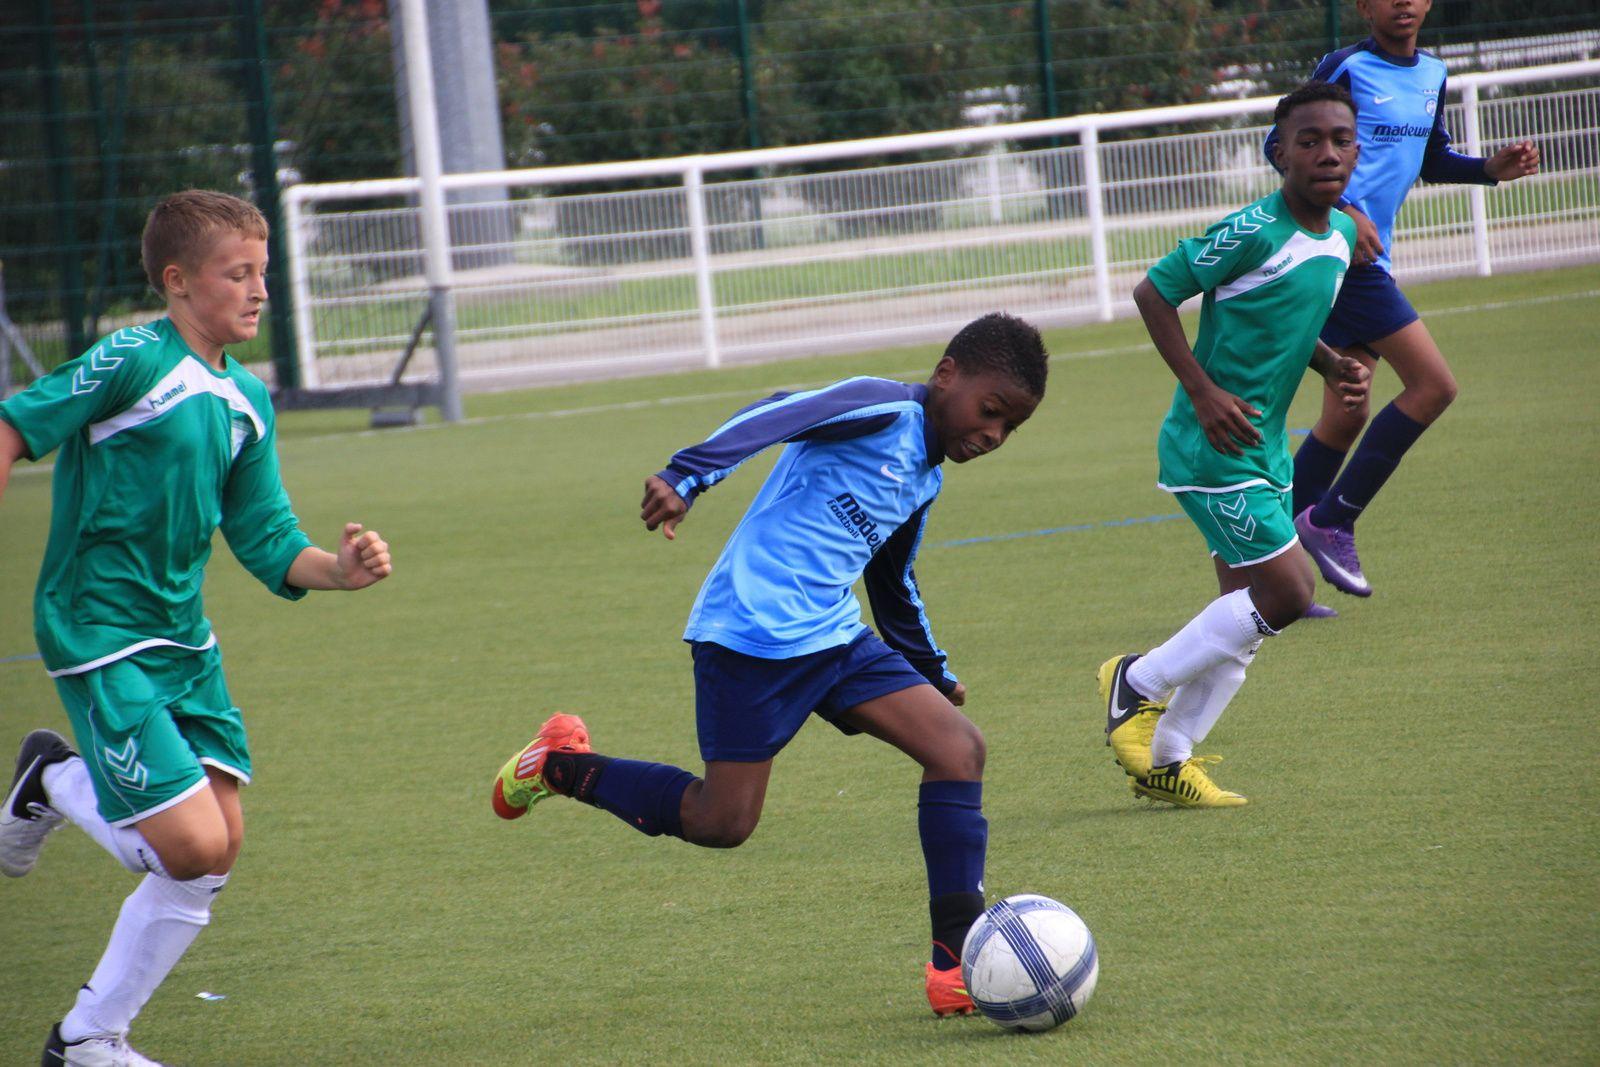 Mobilisez-vous  par vos posts pour offrir aux jeunes footballeurs locaux un mini-bus  pour leurs déplacement extérieurs.